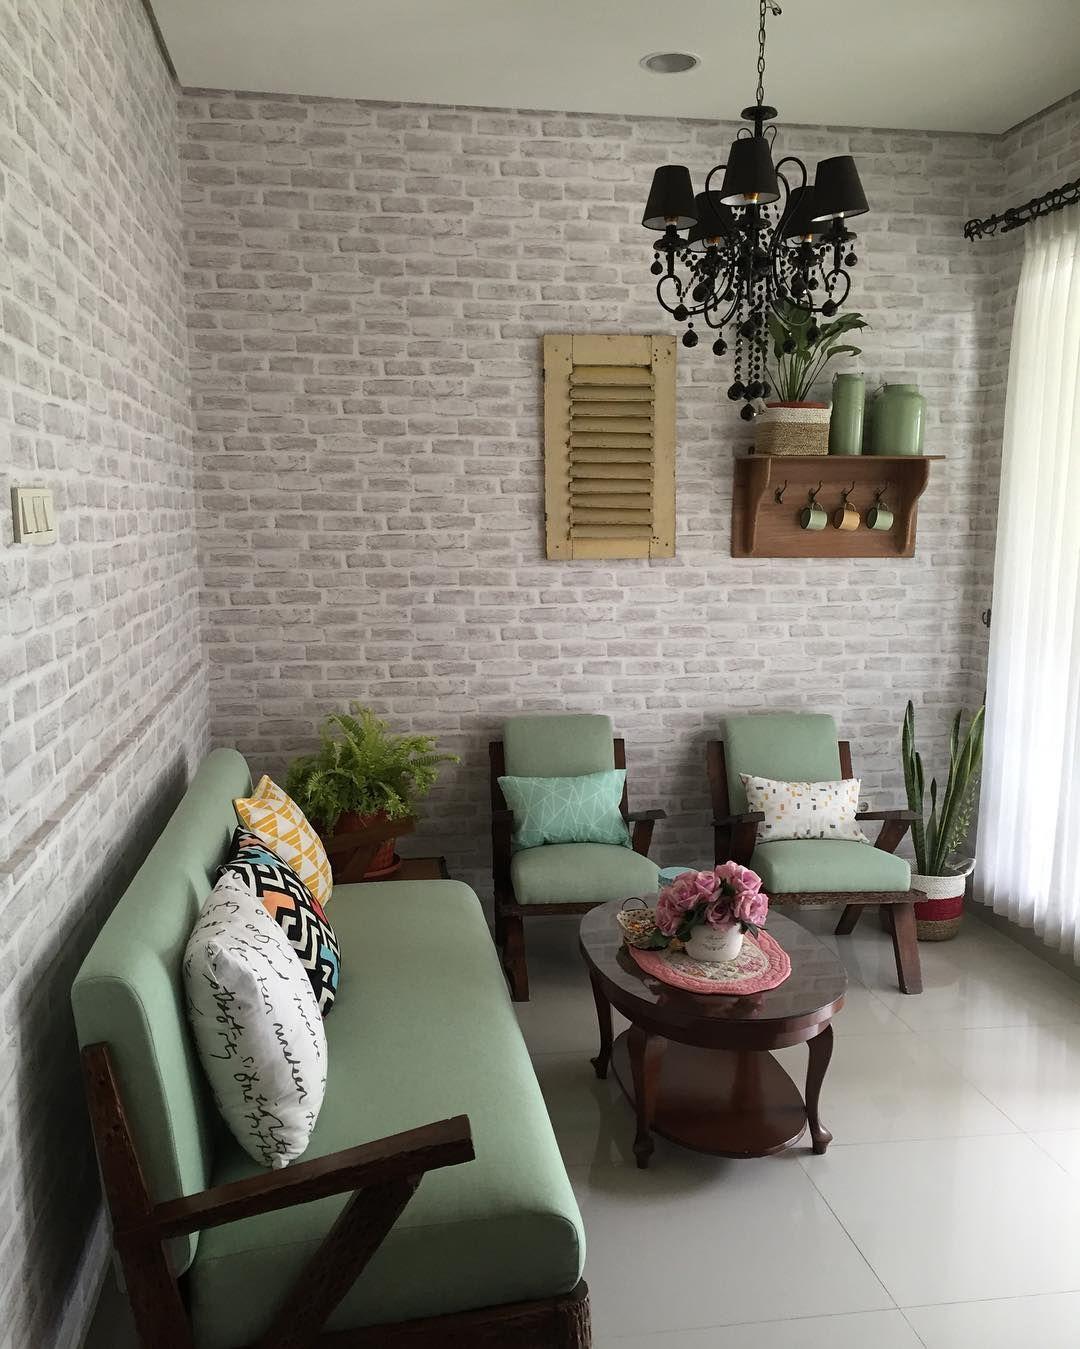 Desain Ruang Tamu Vintage Minimalis In 2020 Small Living Room Design